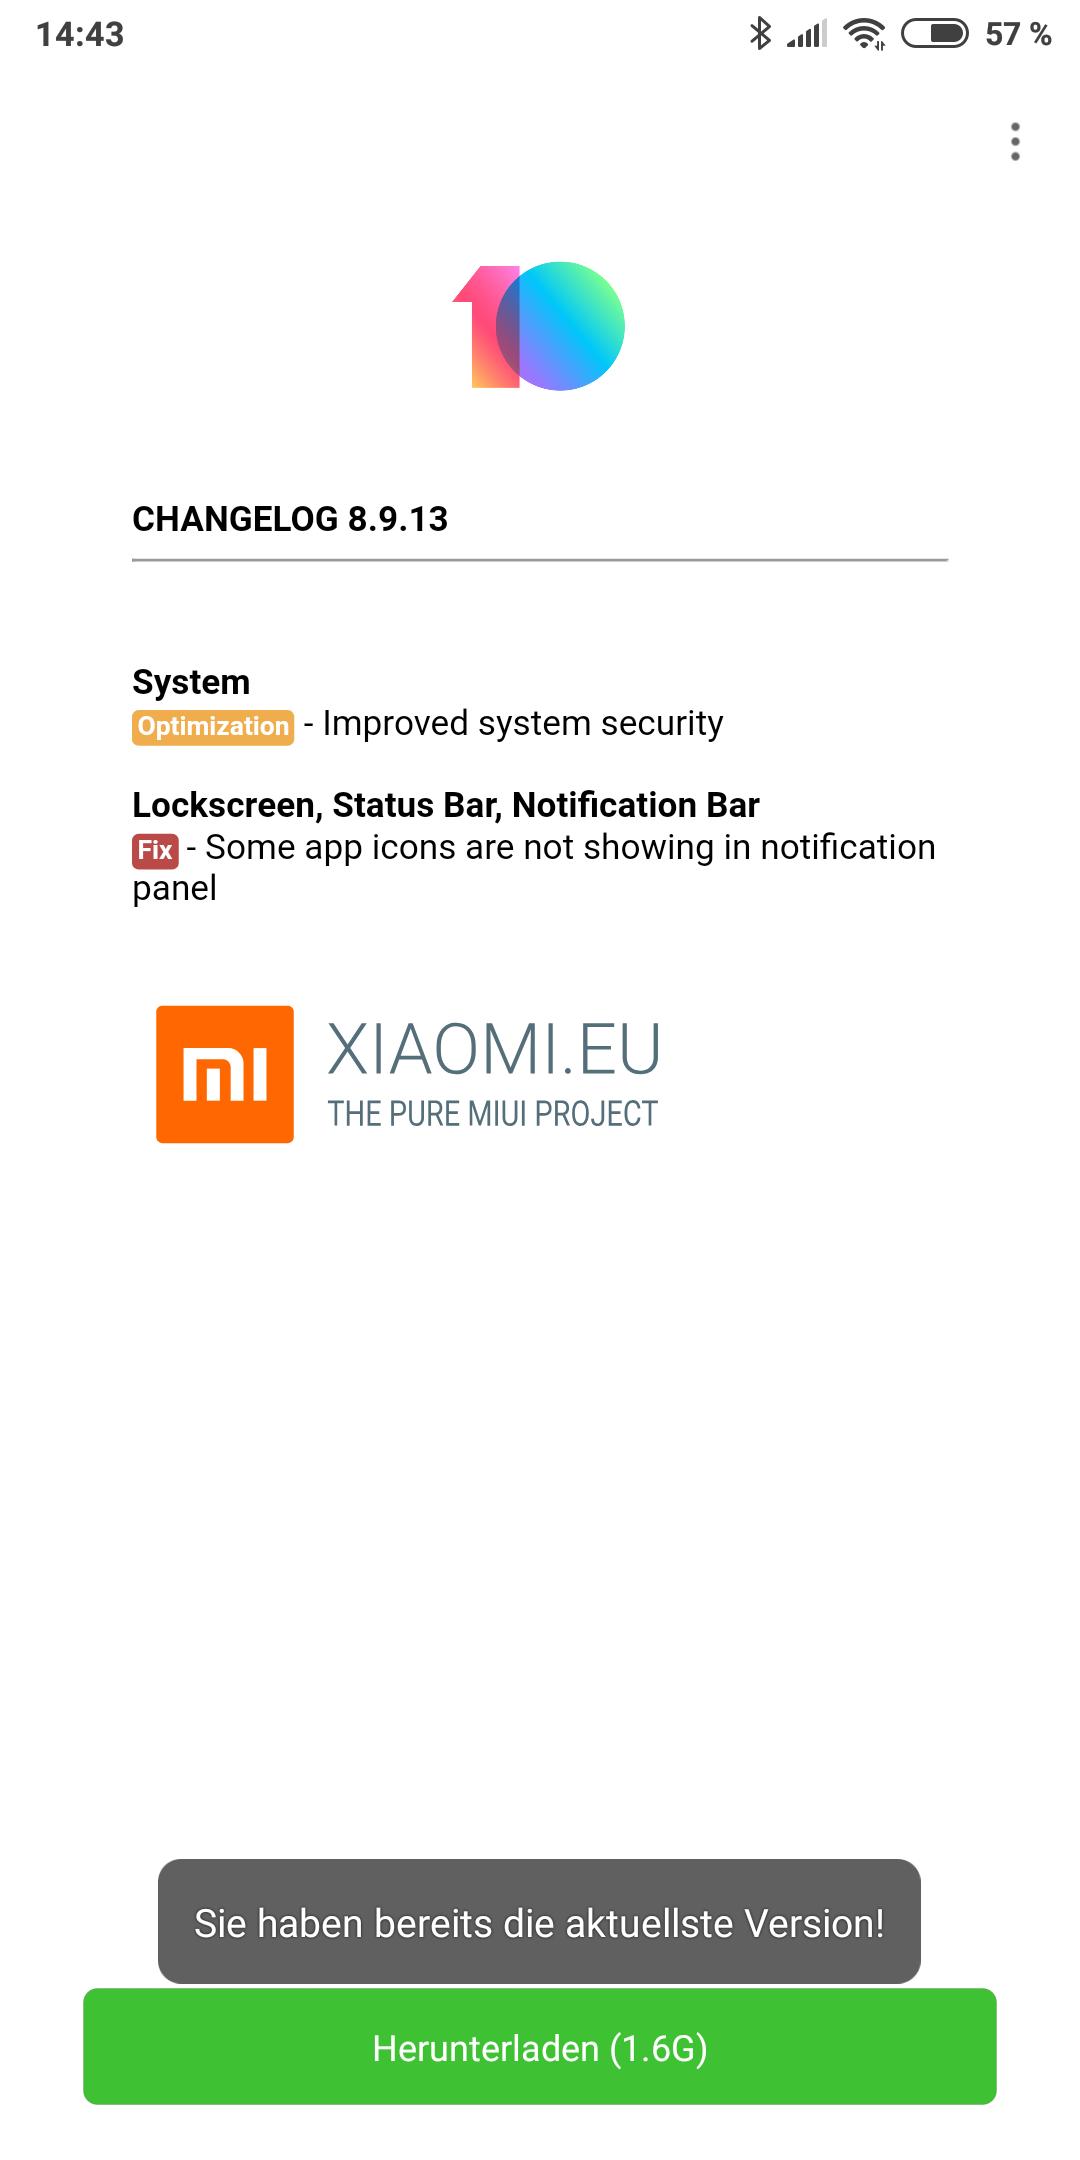 Screenshot_2018-09-14-14-43-54-741_pl.zdunex25.updater.png